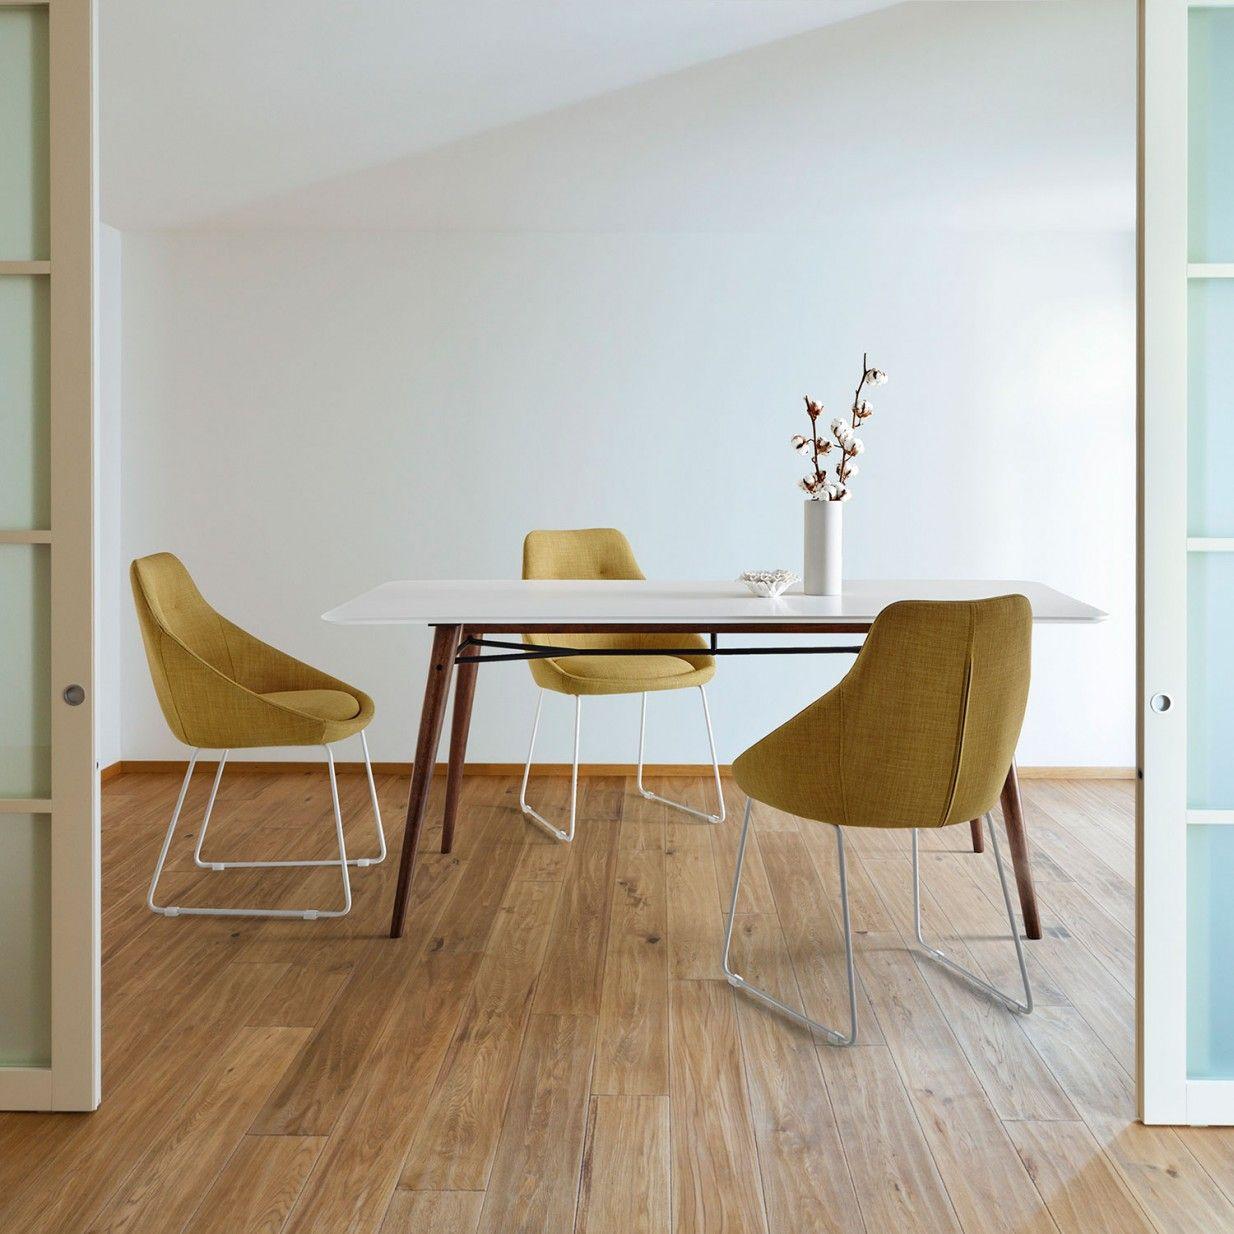 Esszimmermöbel design erset alba stühle  gelb  sømcasa  wohnen  pinterest  interiors